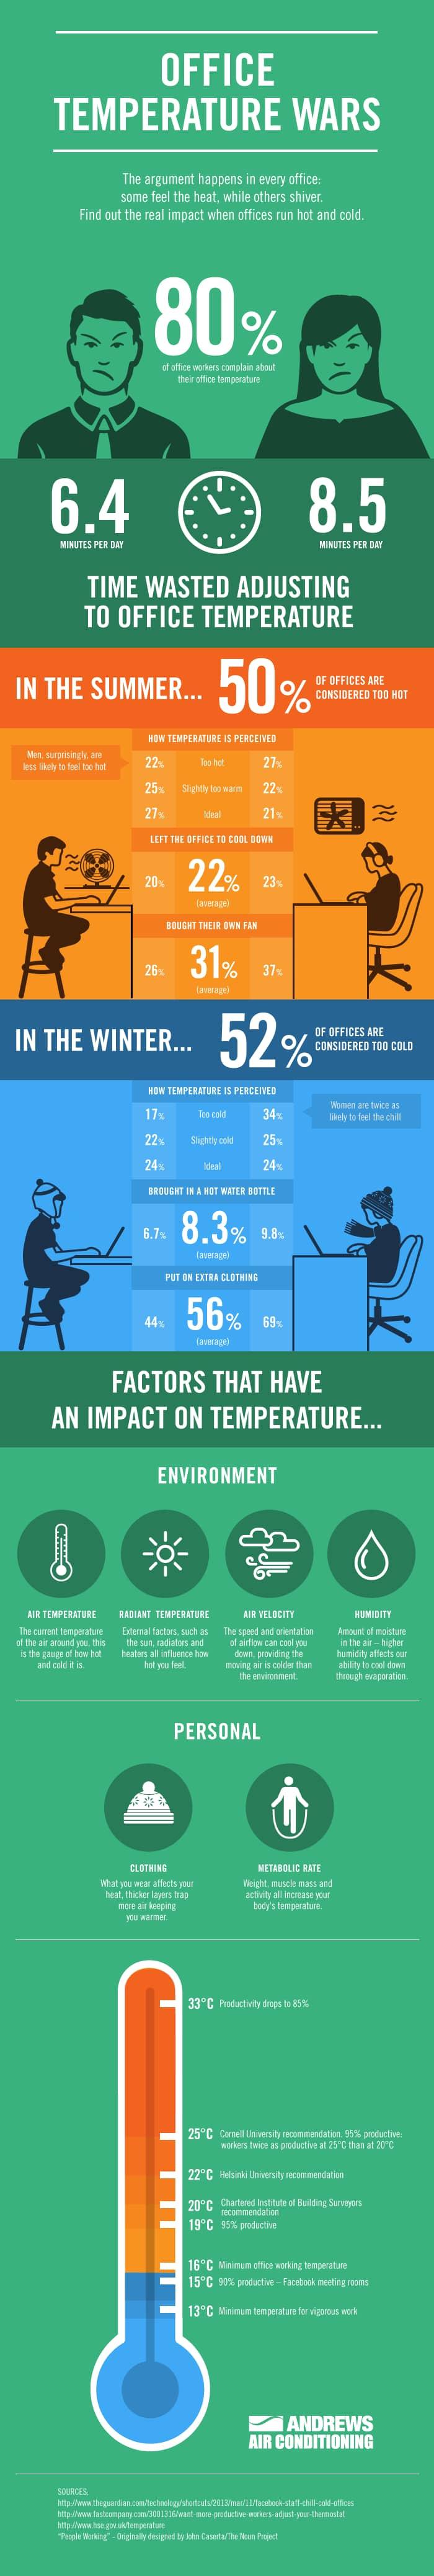 Office Temperature Wars - Infographic -  Ofis Ortam Sicakligi Verimliligi Etkiler Mi? (Infografik)